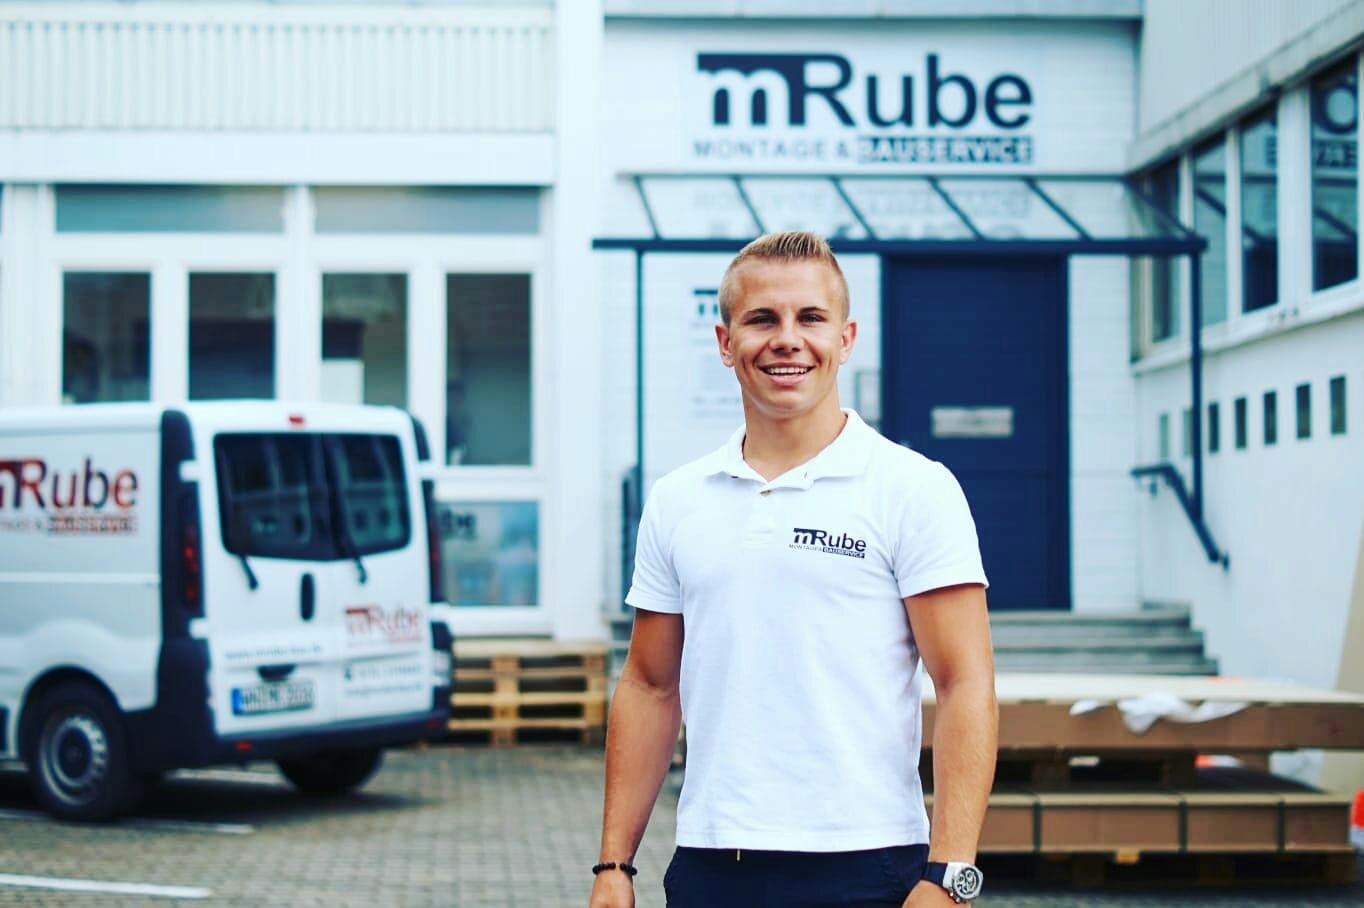 Inhaber Morris Rube